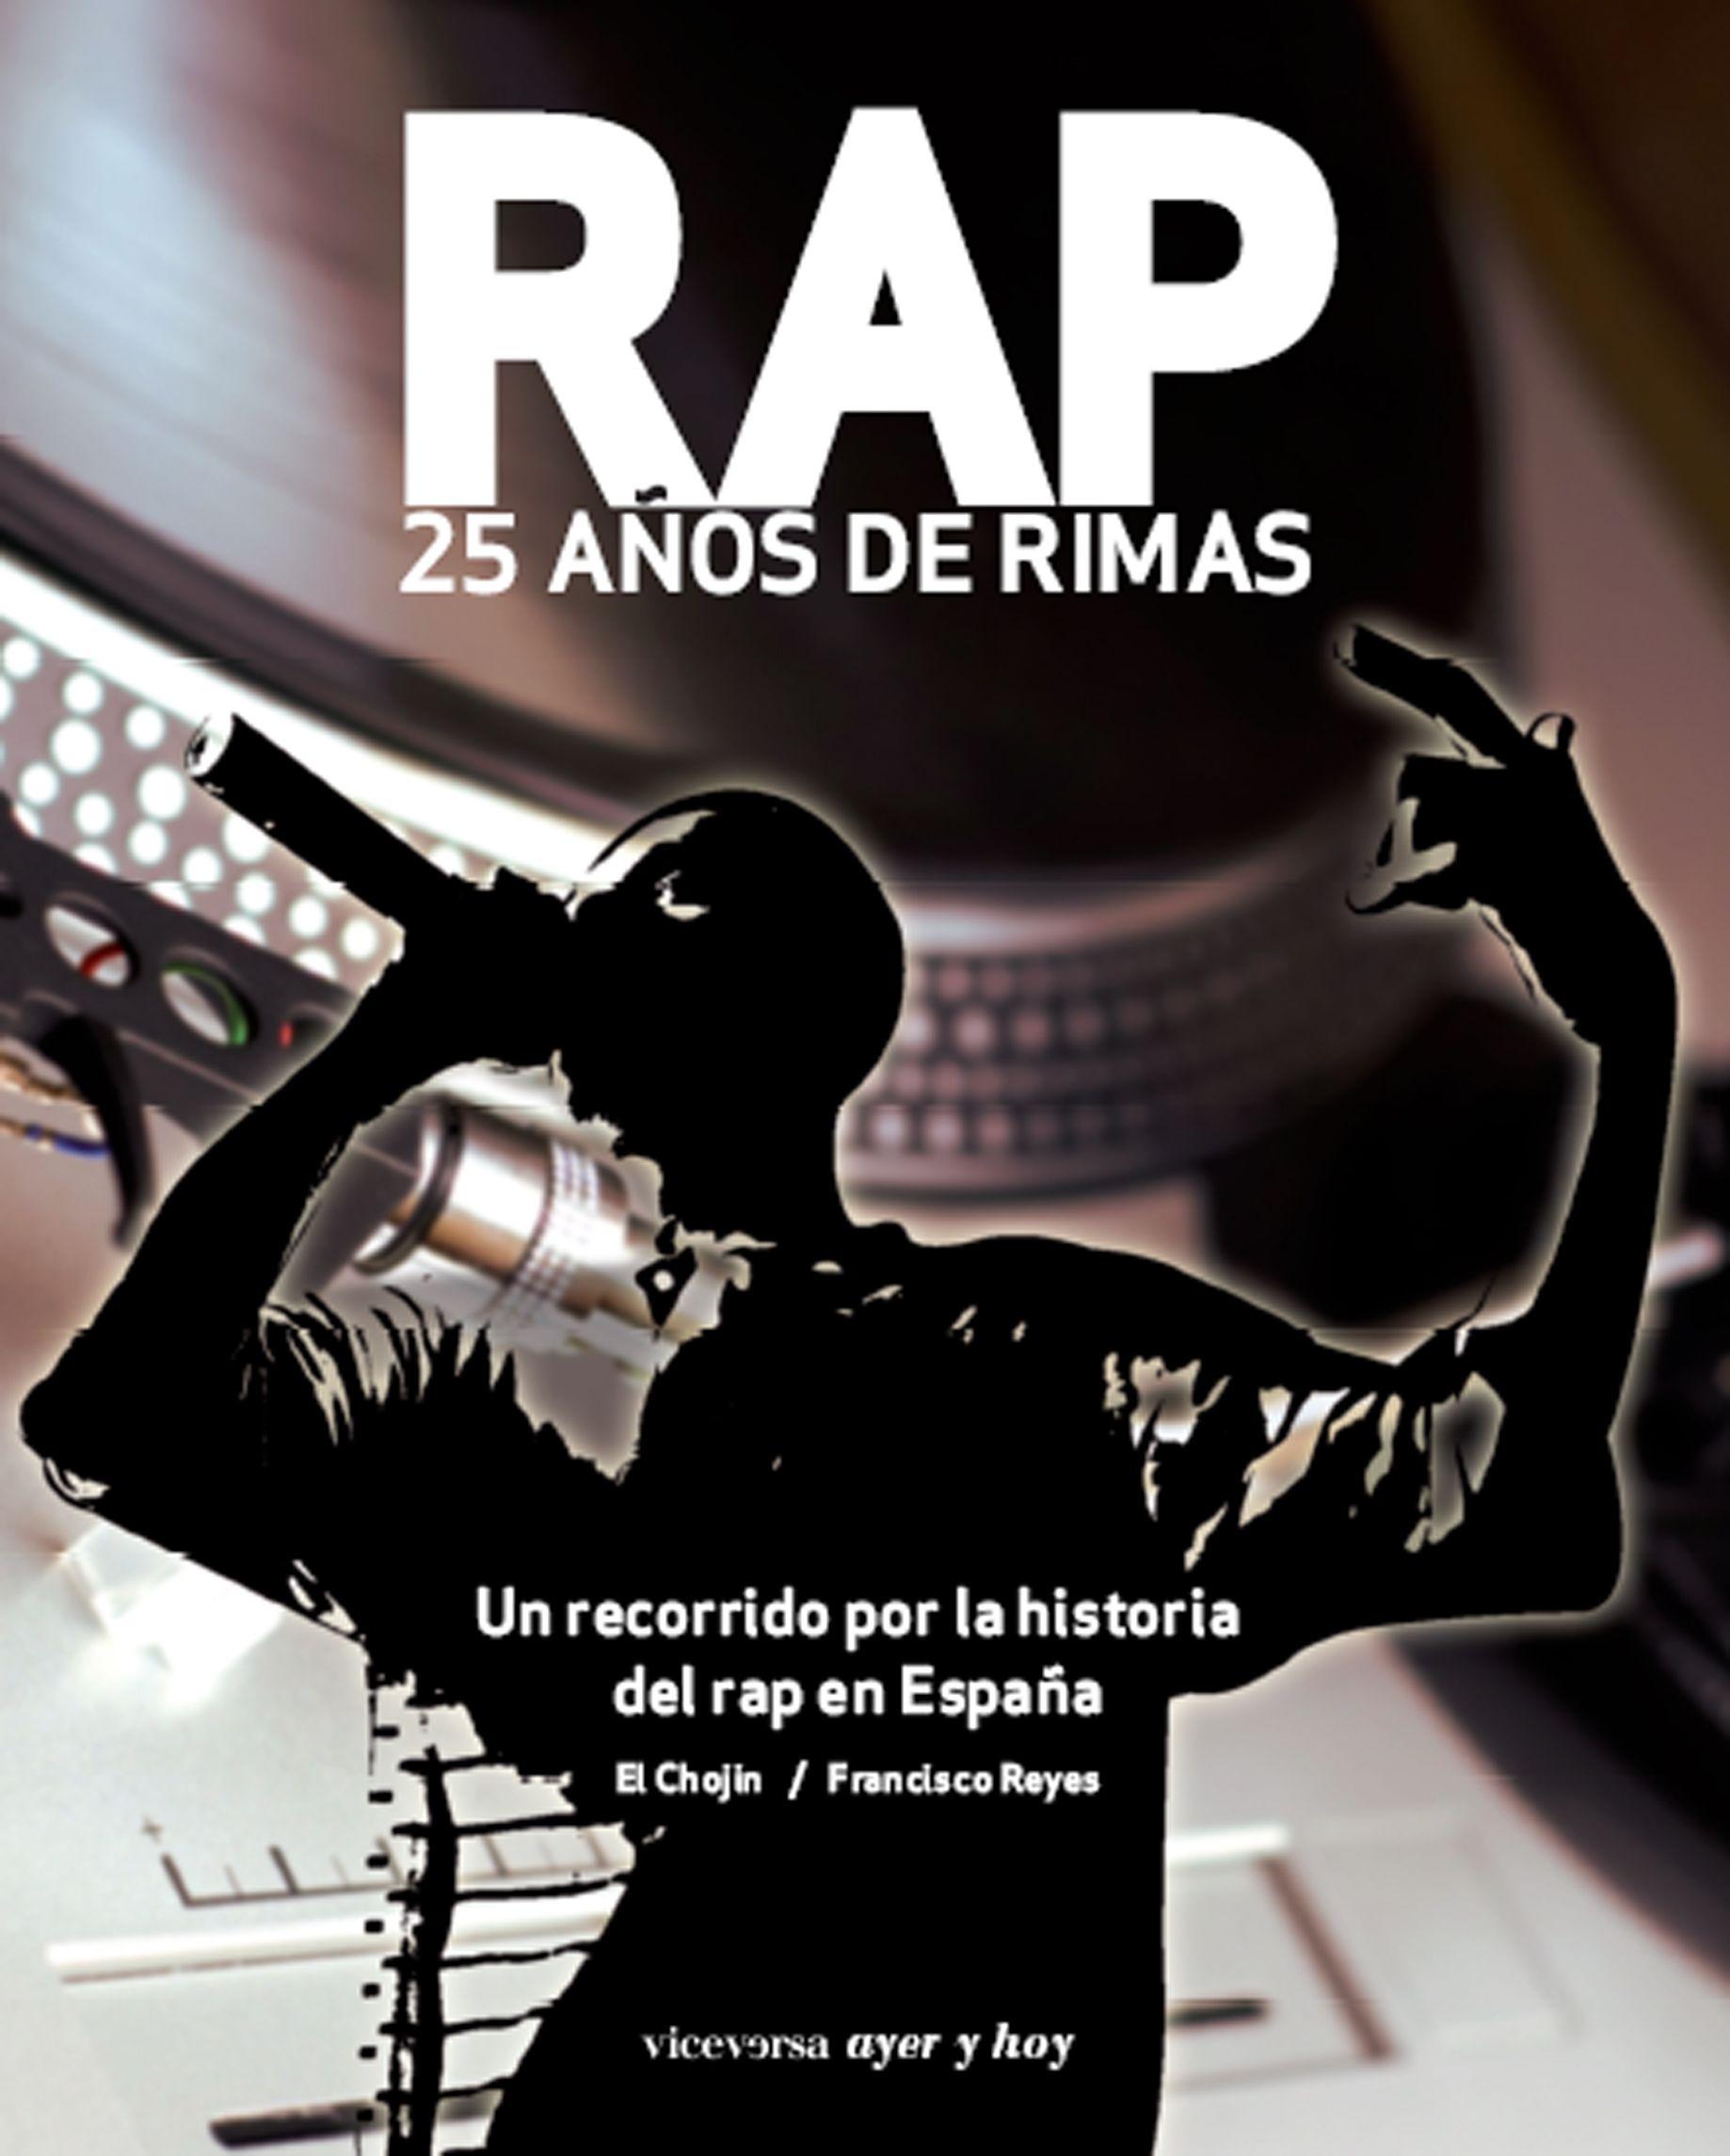 El Chojin Y Francisco Reyes Rap 25 Años De Rimas Un Recorrido Por La Historia Del Rap En España Libro 1 Historia Del Rap Francisco Reyes Rap